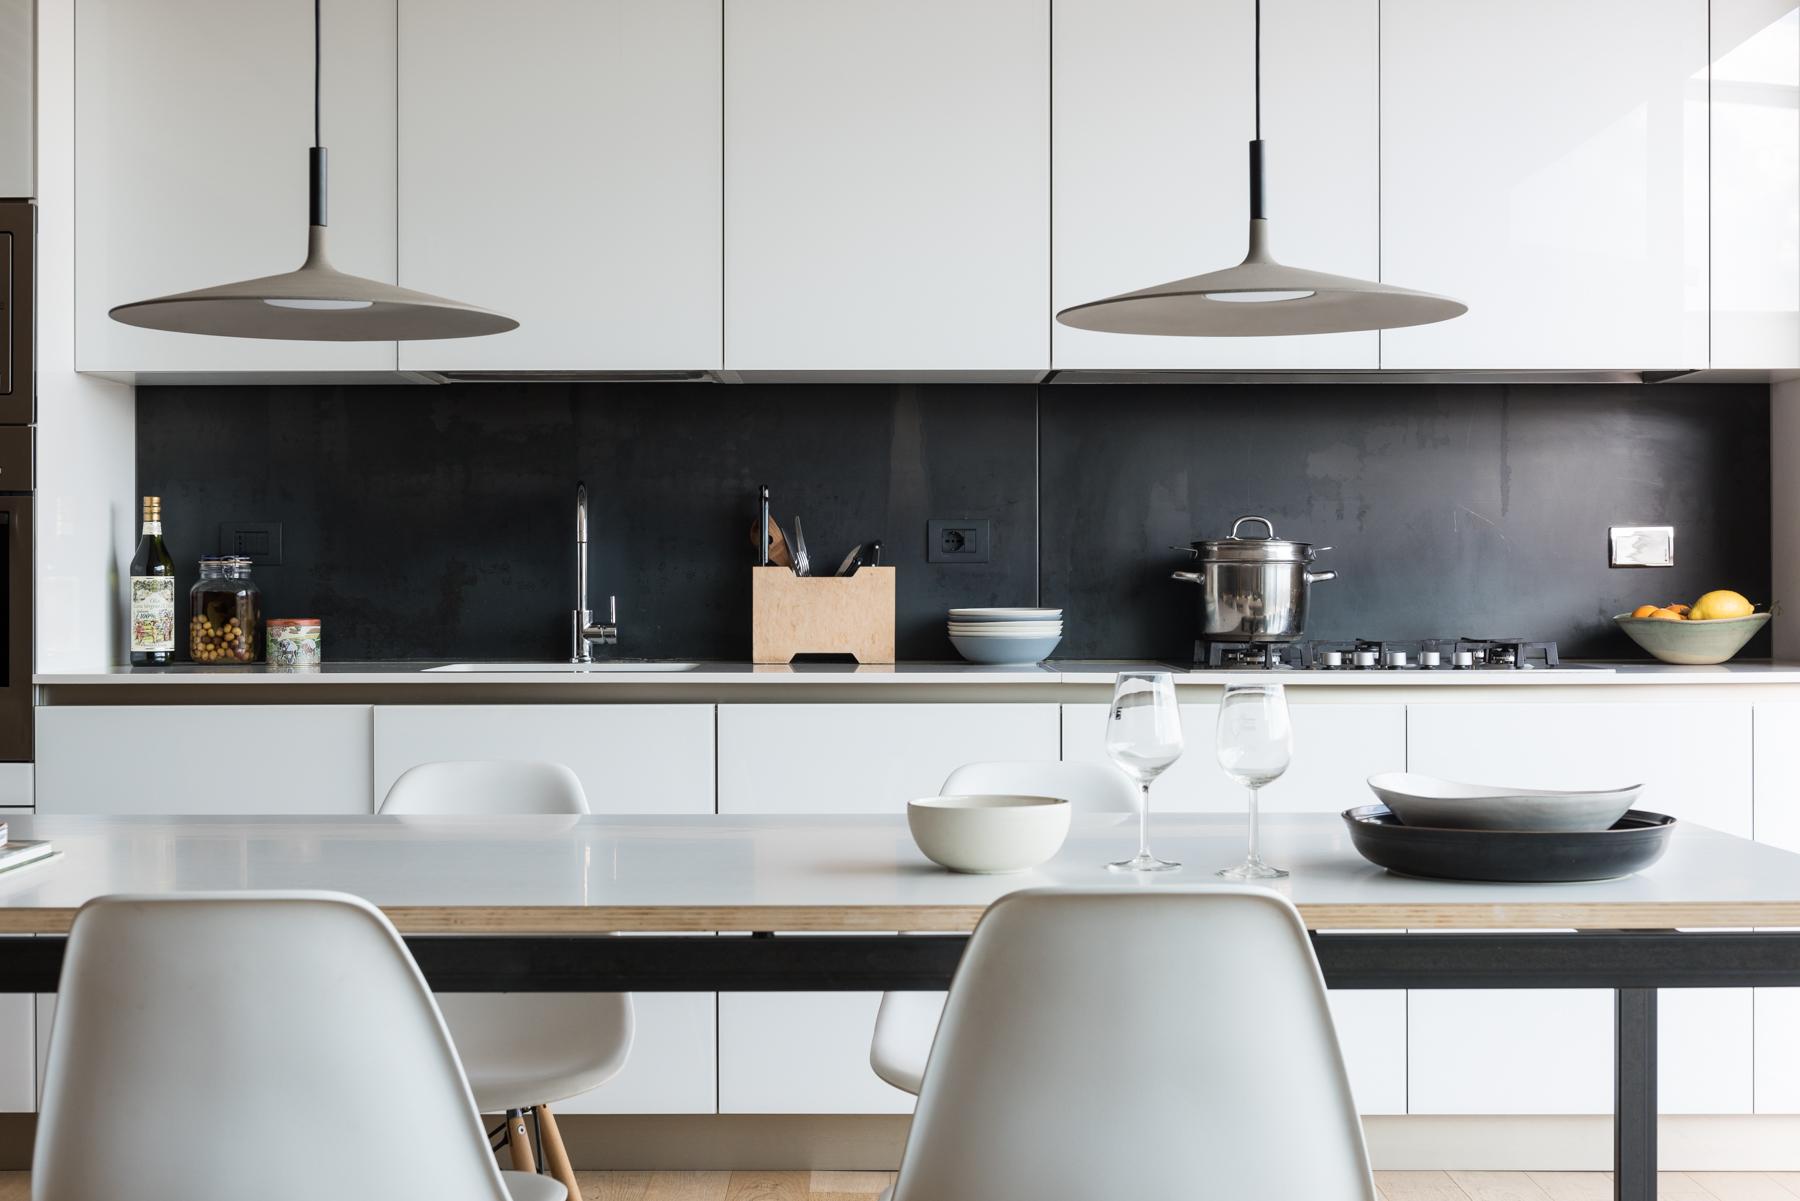 Arrumação na cozinha, um elemento-chave